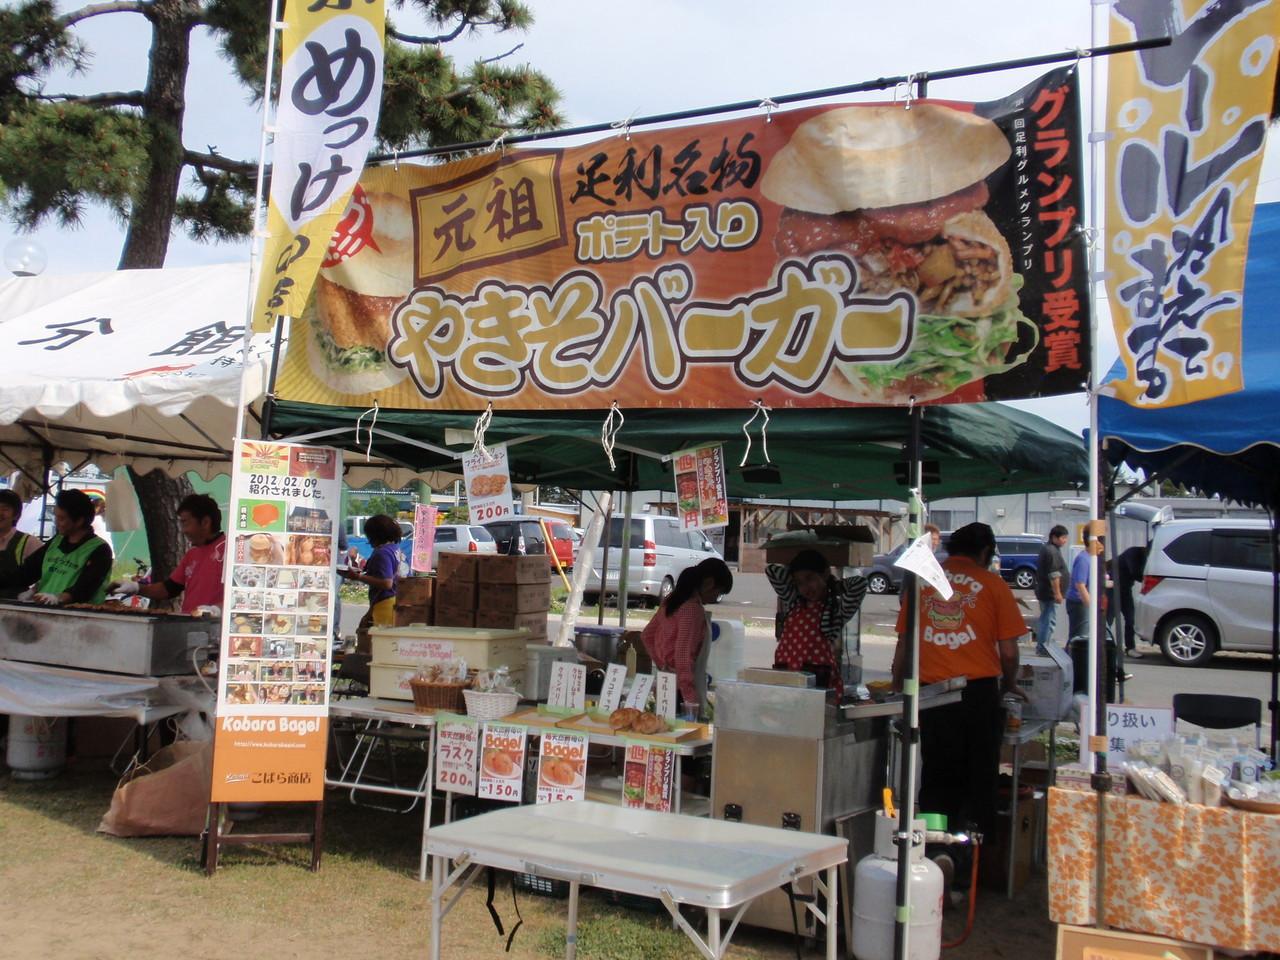 栃木のボランティア団体のブース④